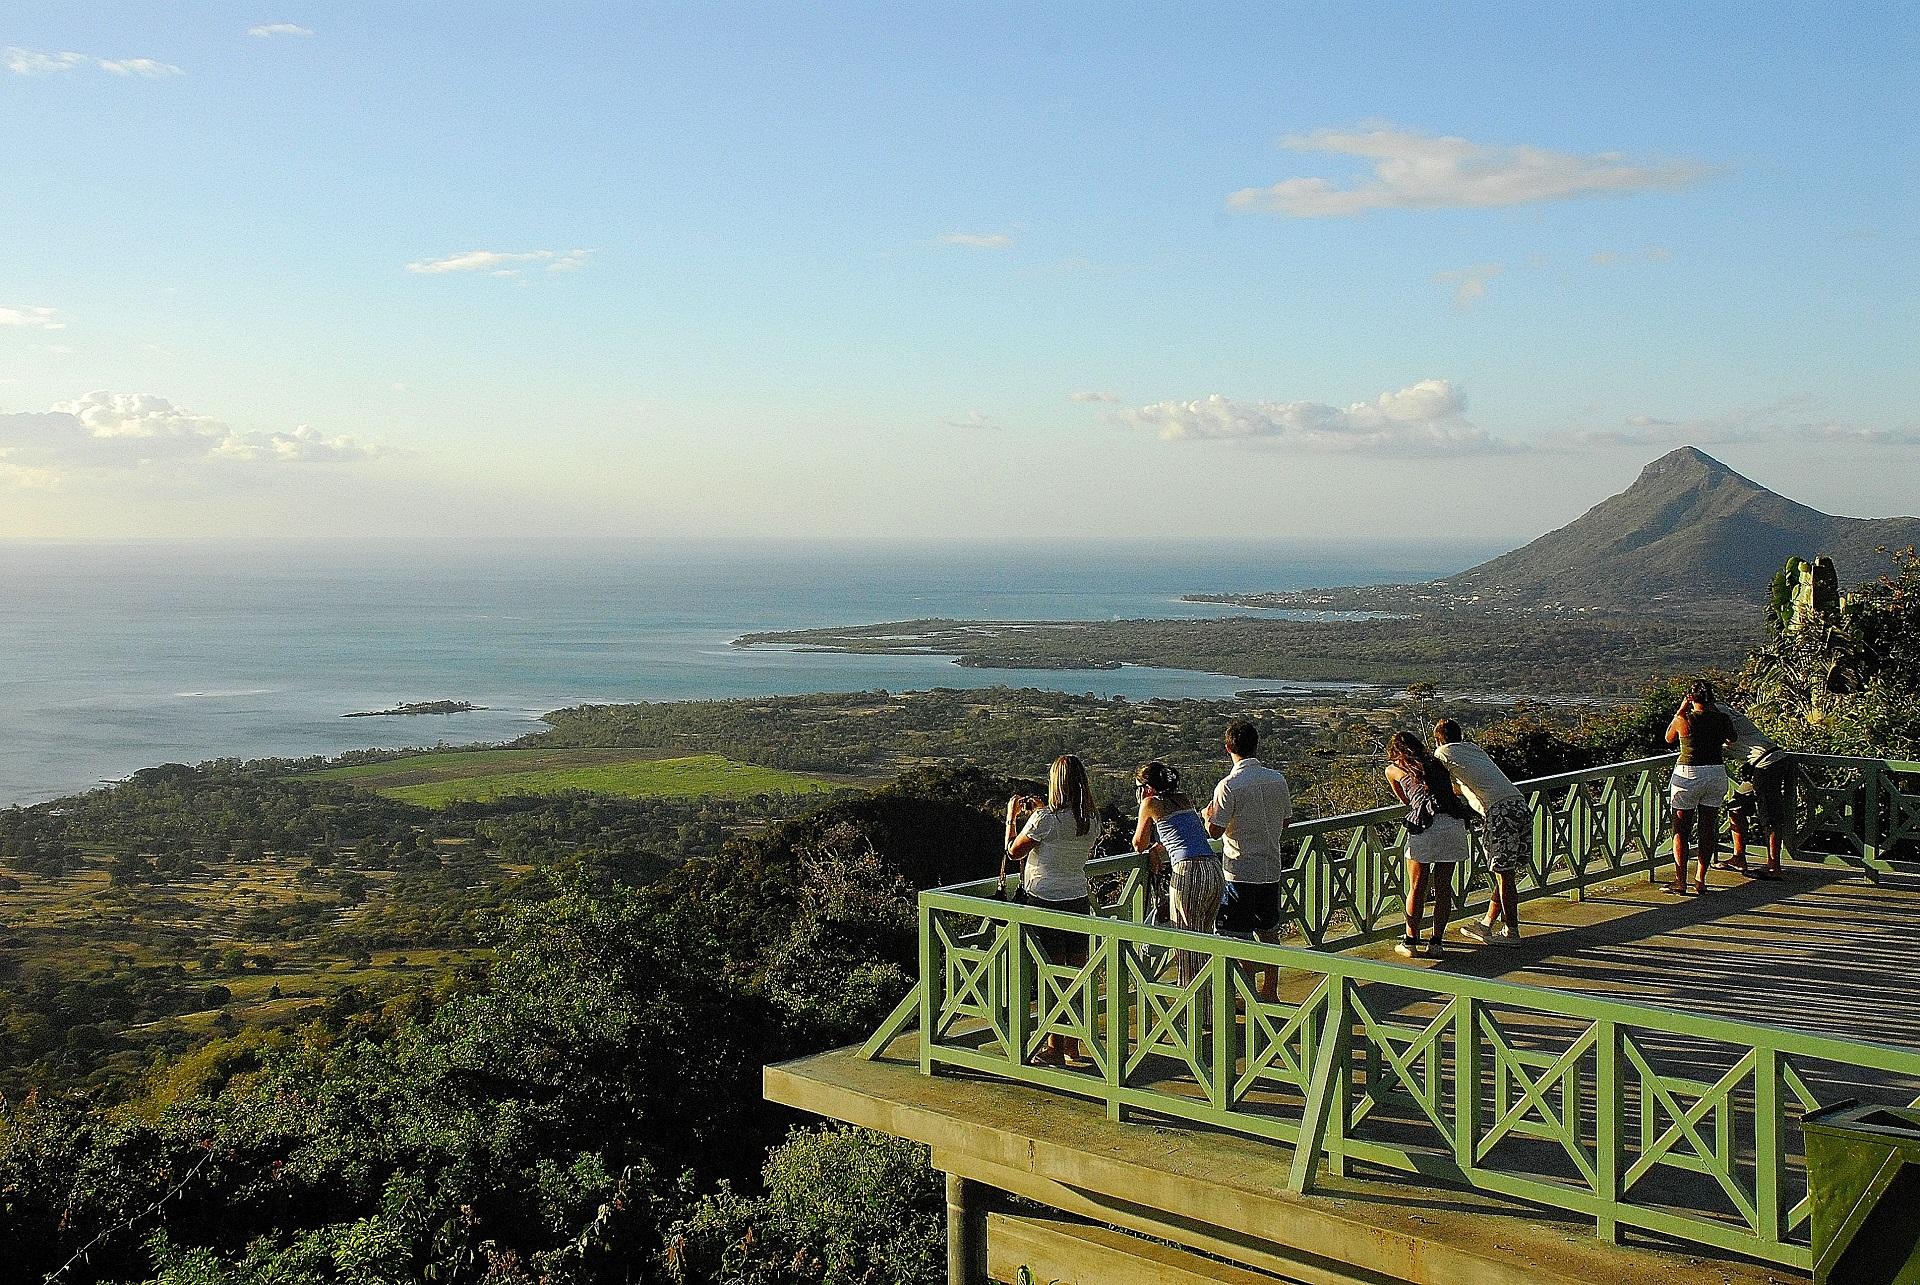 Viaggio a Mauritius, tra villaggi, spiagge e giardini